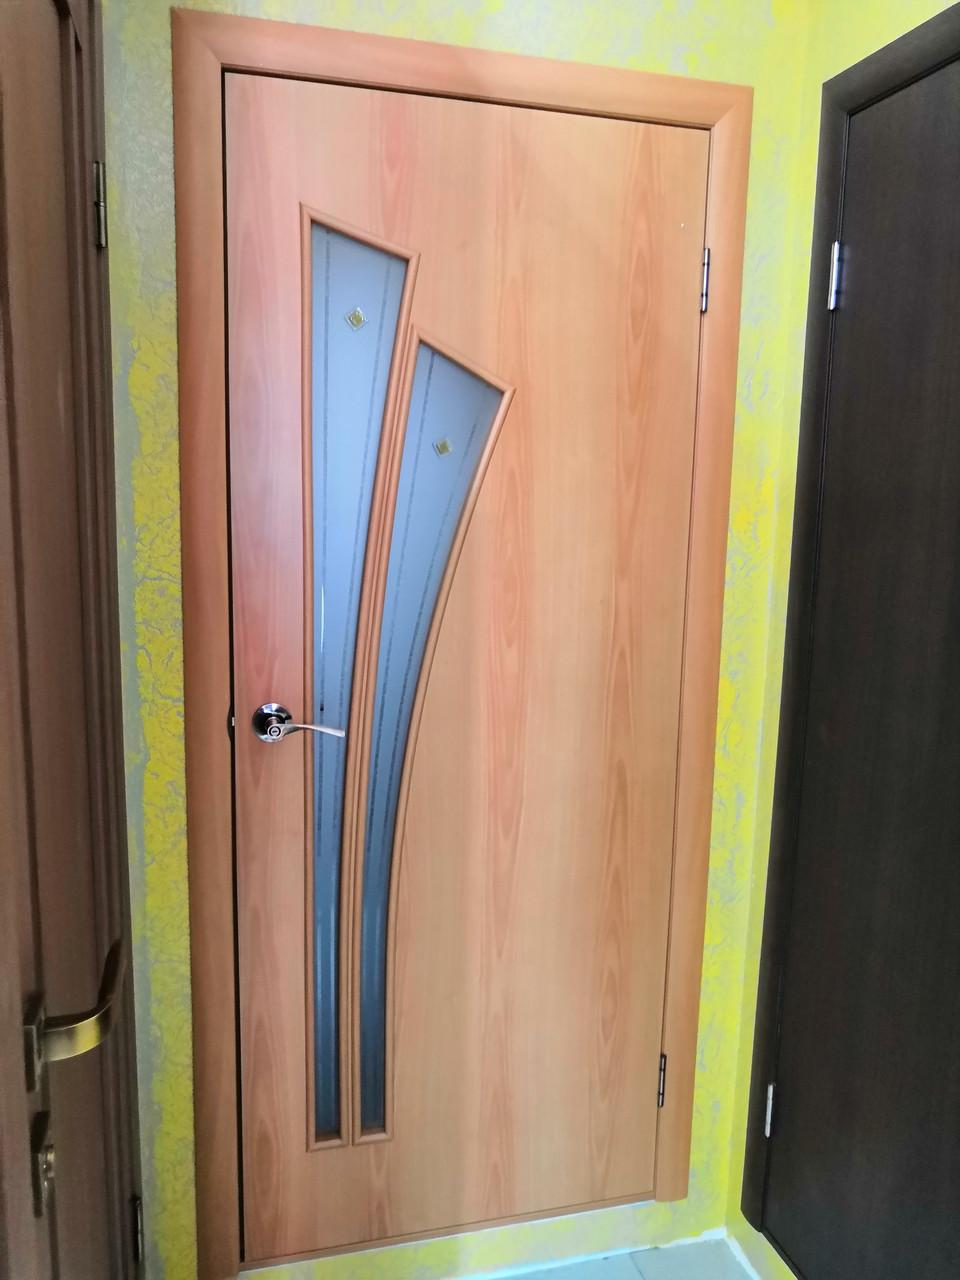 Металлические двери в москве от производителя. цена. изготовление и установка входных дверей по своим размерам недорого